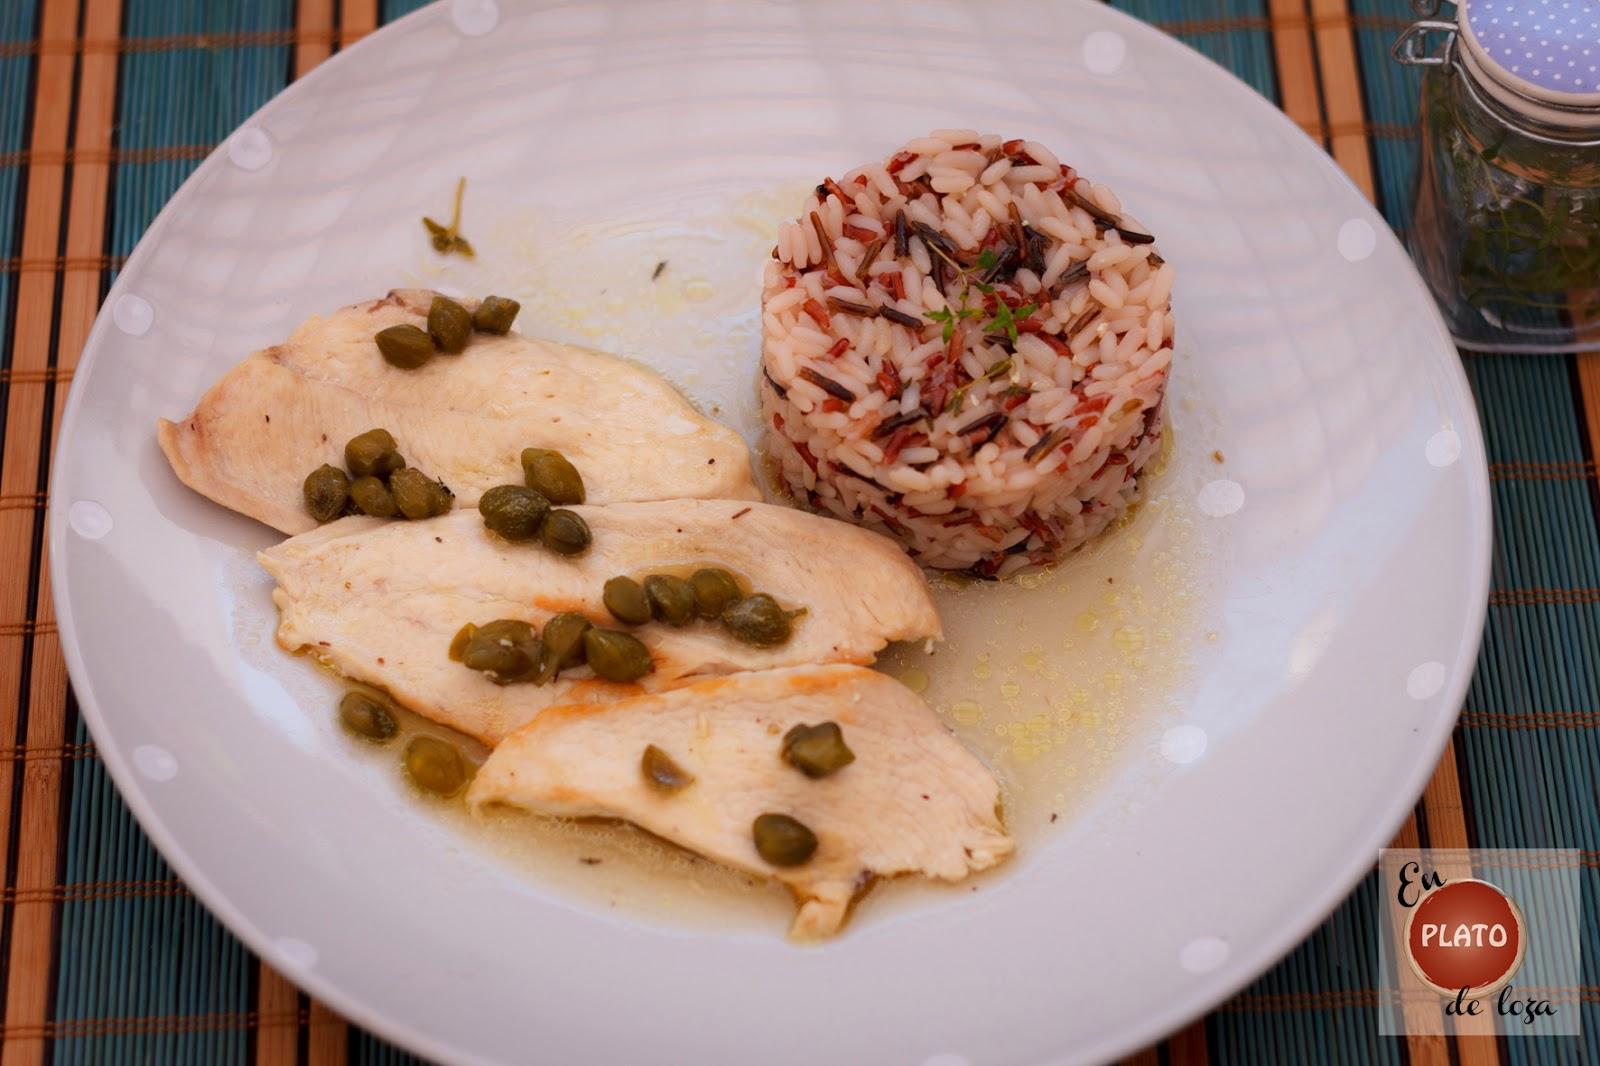 En plato de loza pechugas de pollo con salsa de tomillo y - Platos con pechuga de pollo ...